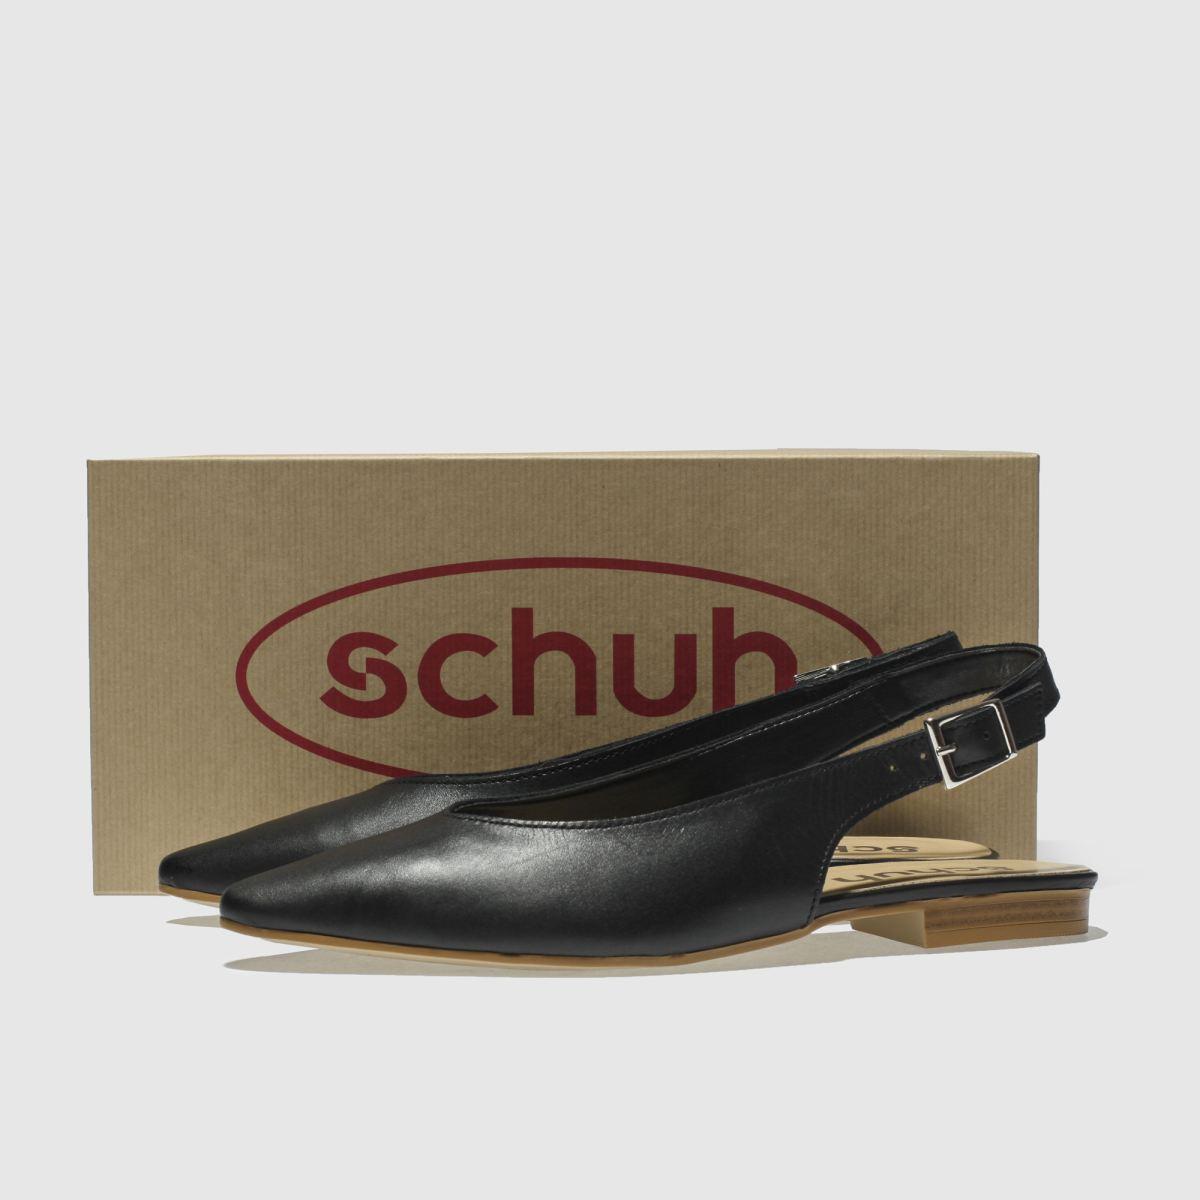 Damen Schwarz Gute schuh Fusion Flats   schuh Gute Schwarz Qualität beliebte Schuhe 10d6e8